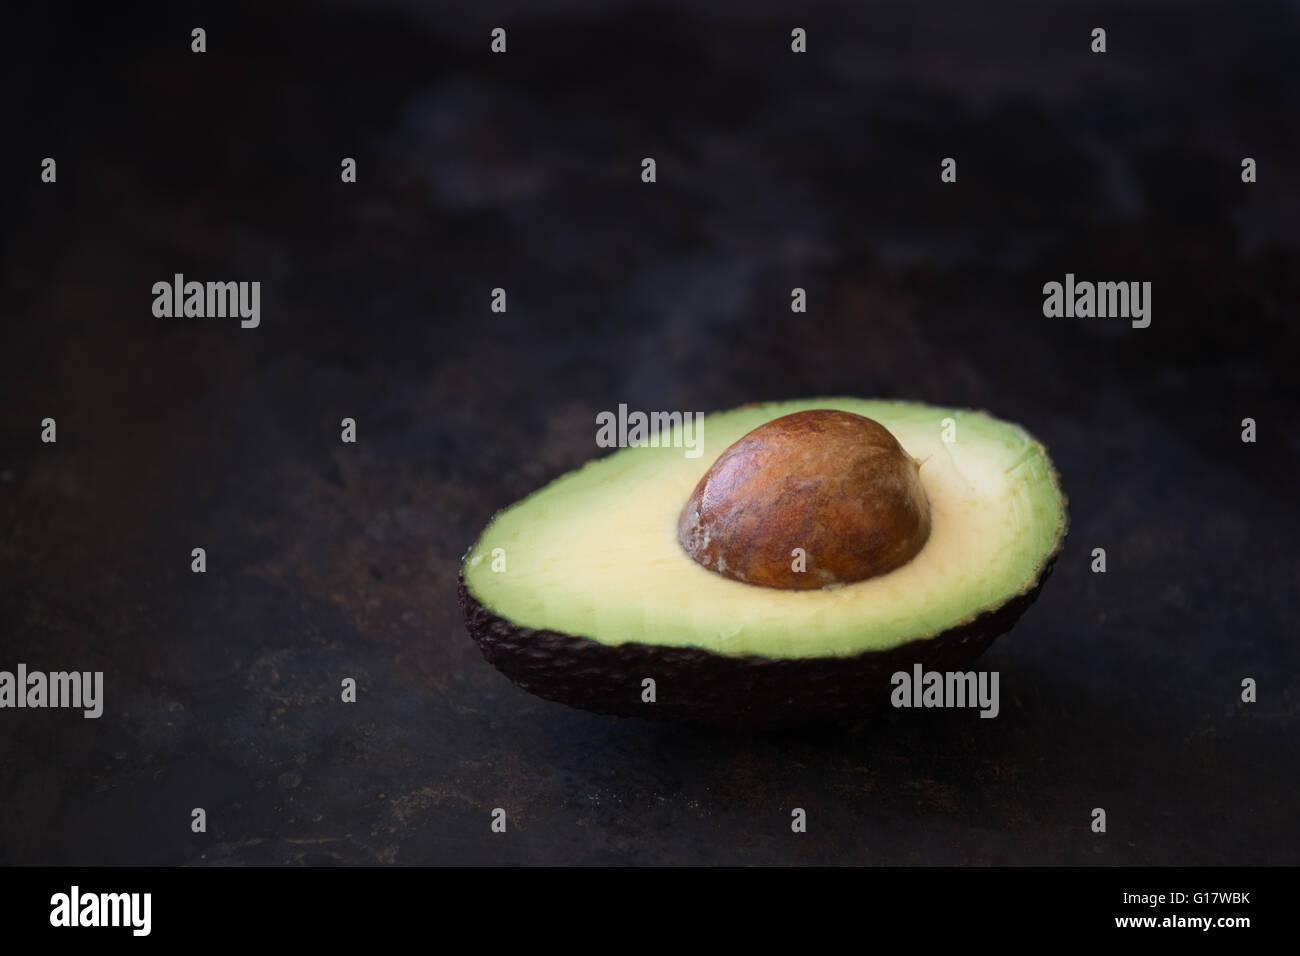 die Hälfte der eine Reife Avocado vor einem rustikalen dunklen Hintergrund Stockbild